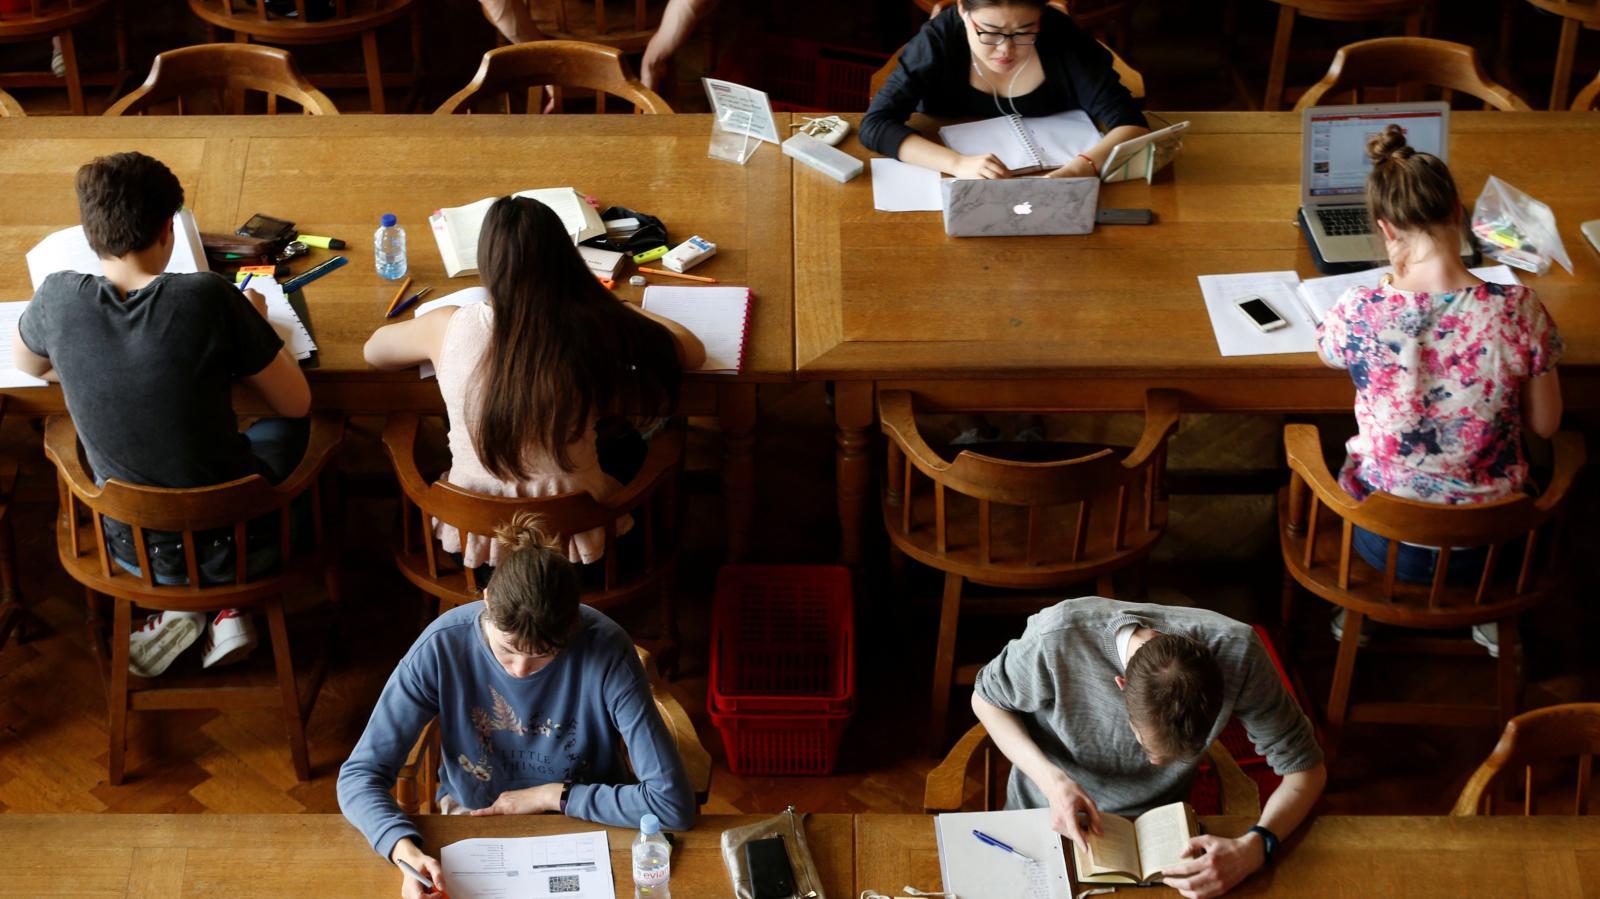 190 университетов мира бесплатно выложили в сеть сотни онлайн-курсов. Подборка ссылок